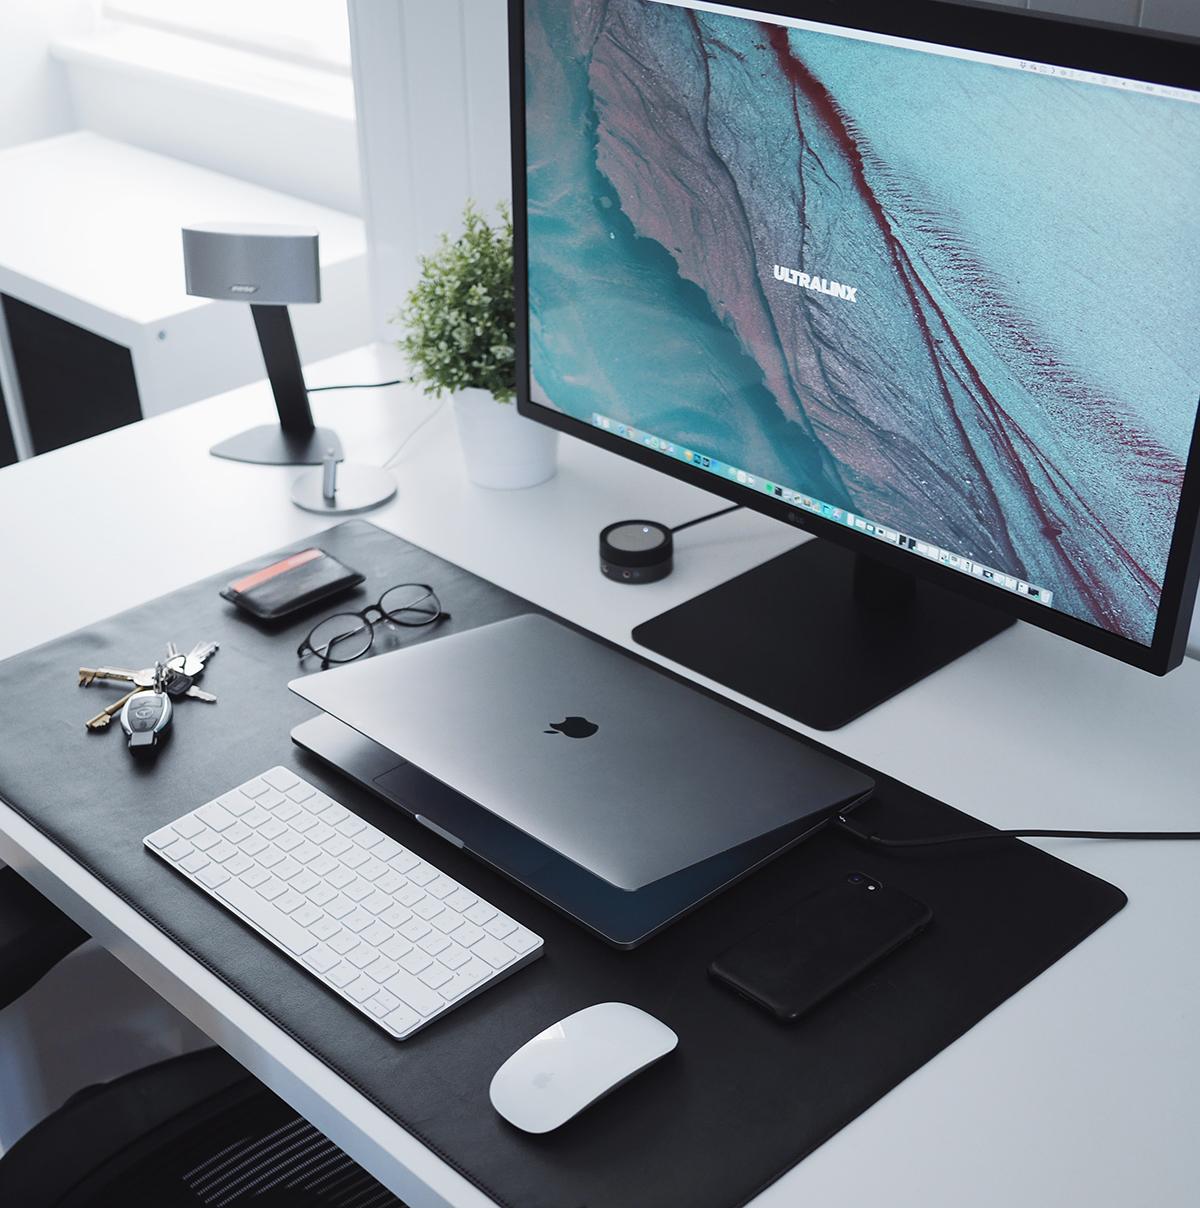 DELLのデスクトップとMacのノートパソコンを前後にレイアウト